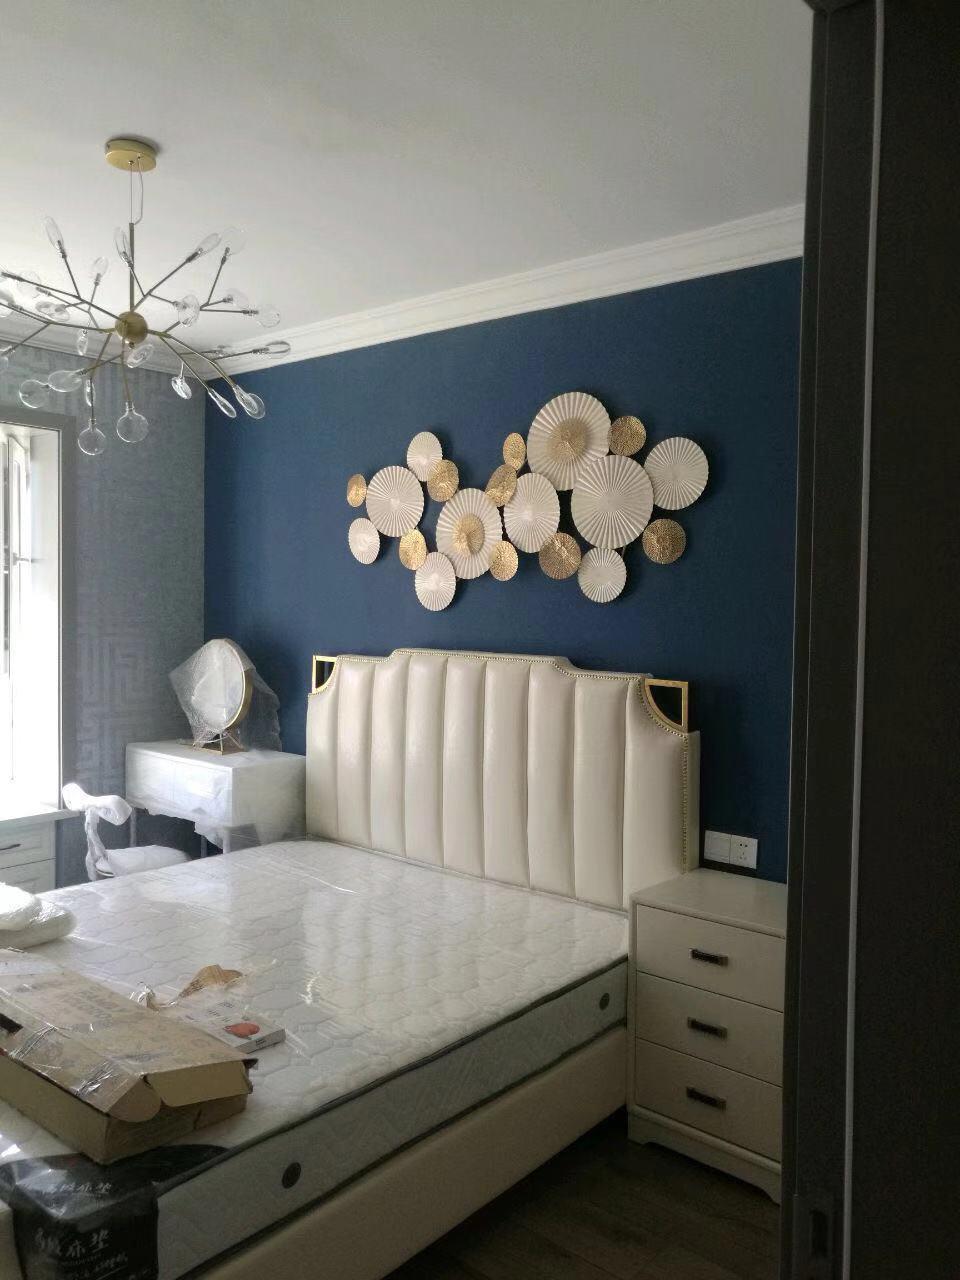 Decoración de pared de hierro de estilo europeo, decoración de pared tridimensional, decoración creativa de sala de estar - 3